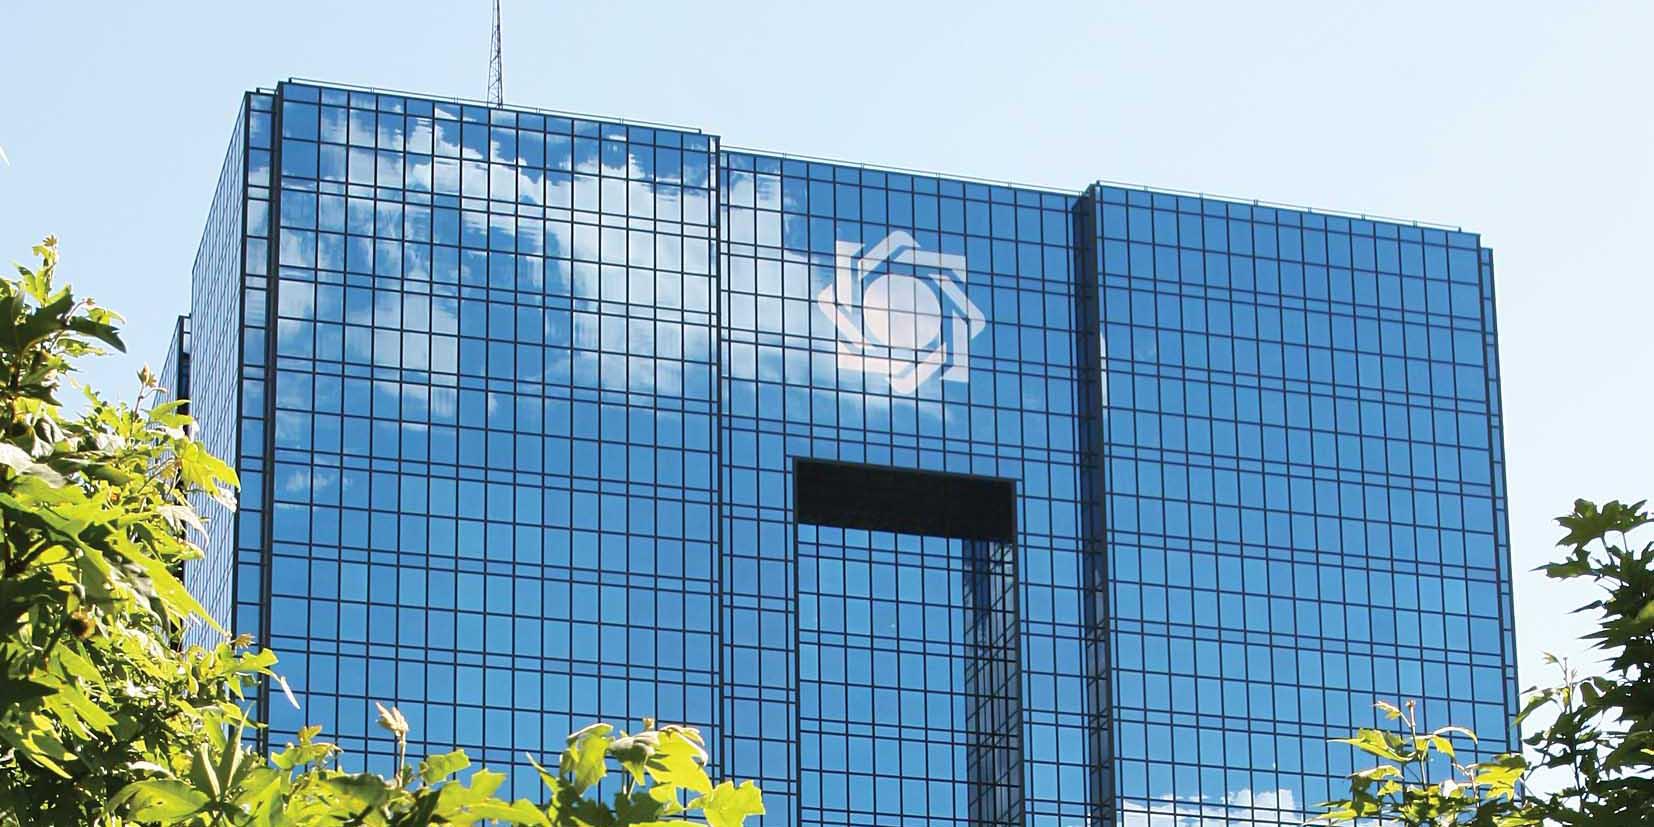 بخشنامه بانک مرکزی در خصوص گشایش اعتبارات اسنادی در بانکها